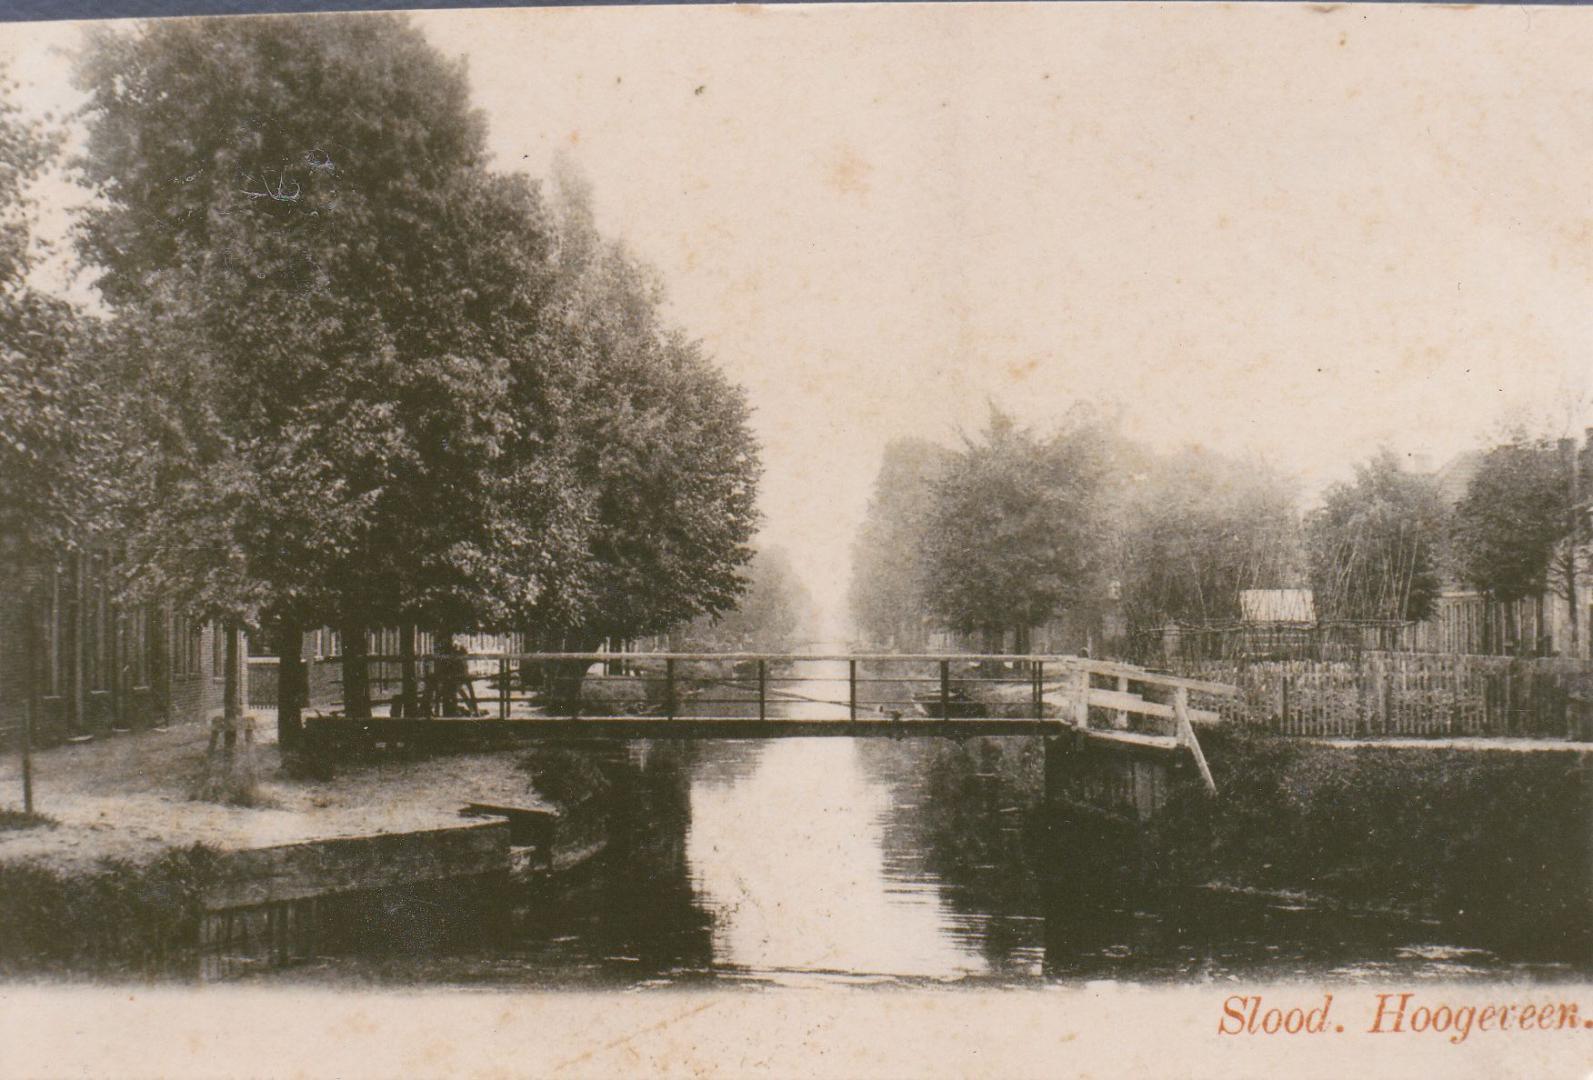 Voormalige Zuiderschebrug cq Hollandschebrug